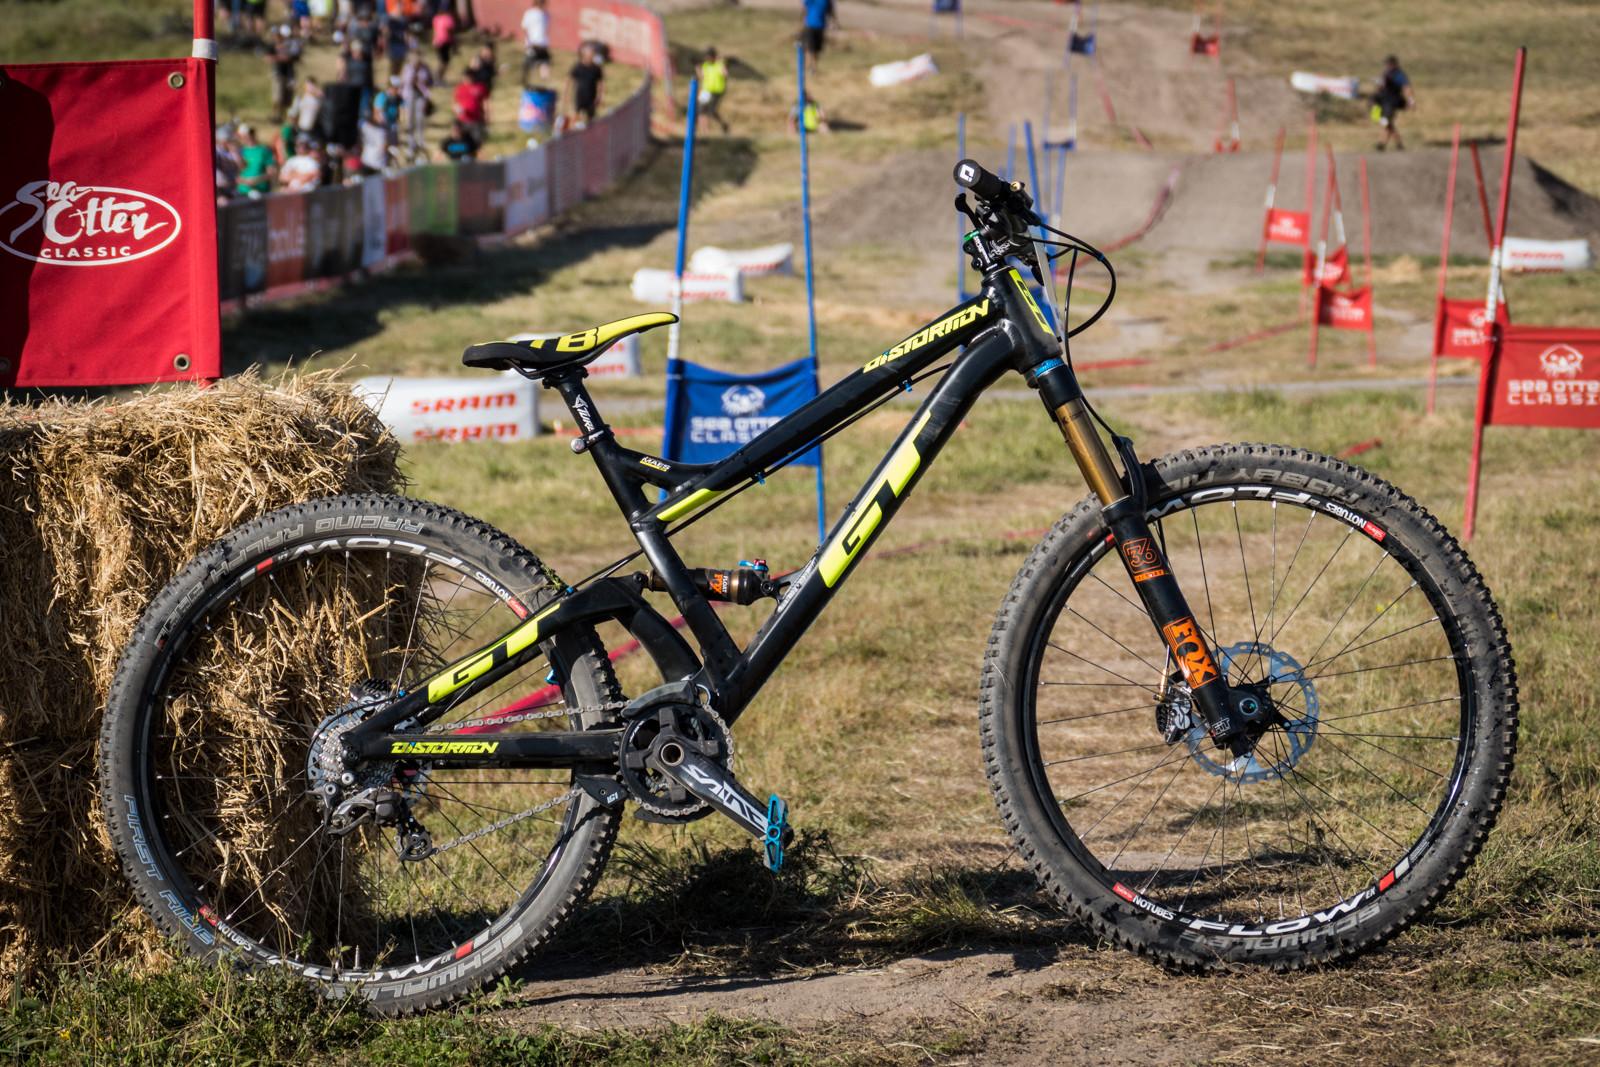 WINNING BIKE - Martin Maes' GT Distortion - WINNING BIKE - Martin Maes' GT Distortion - Mountain Biking Pictures - Vital MTB